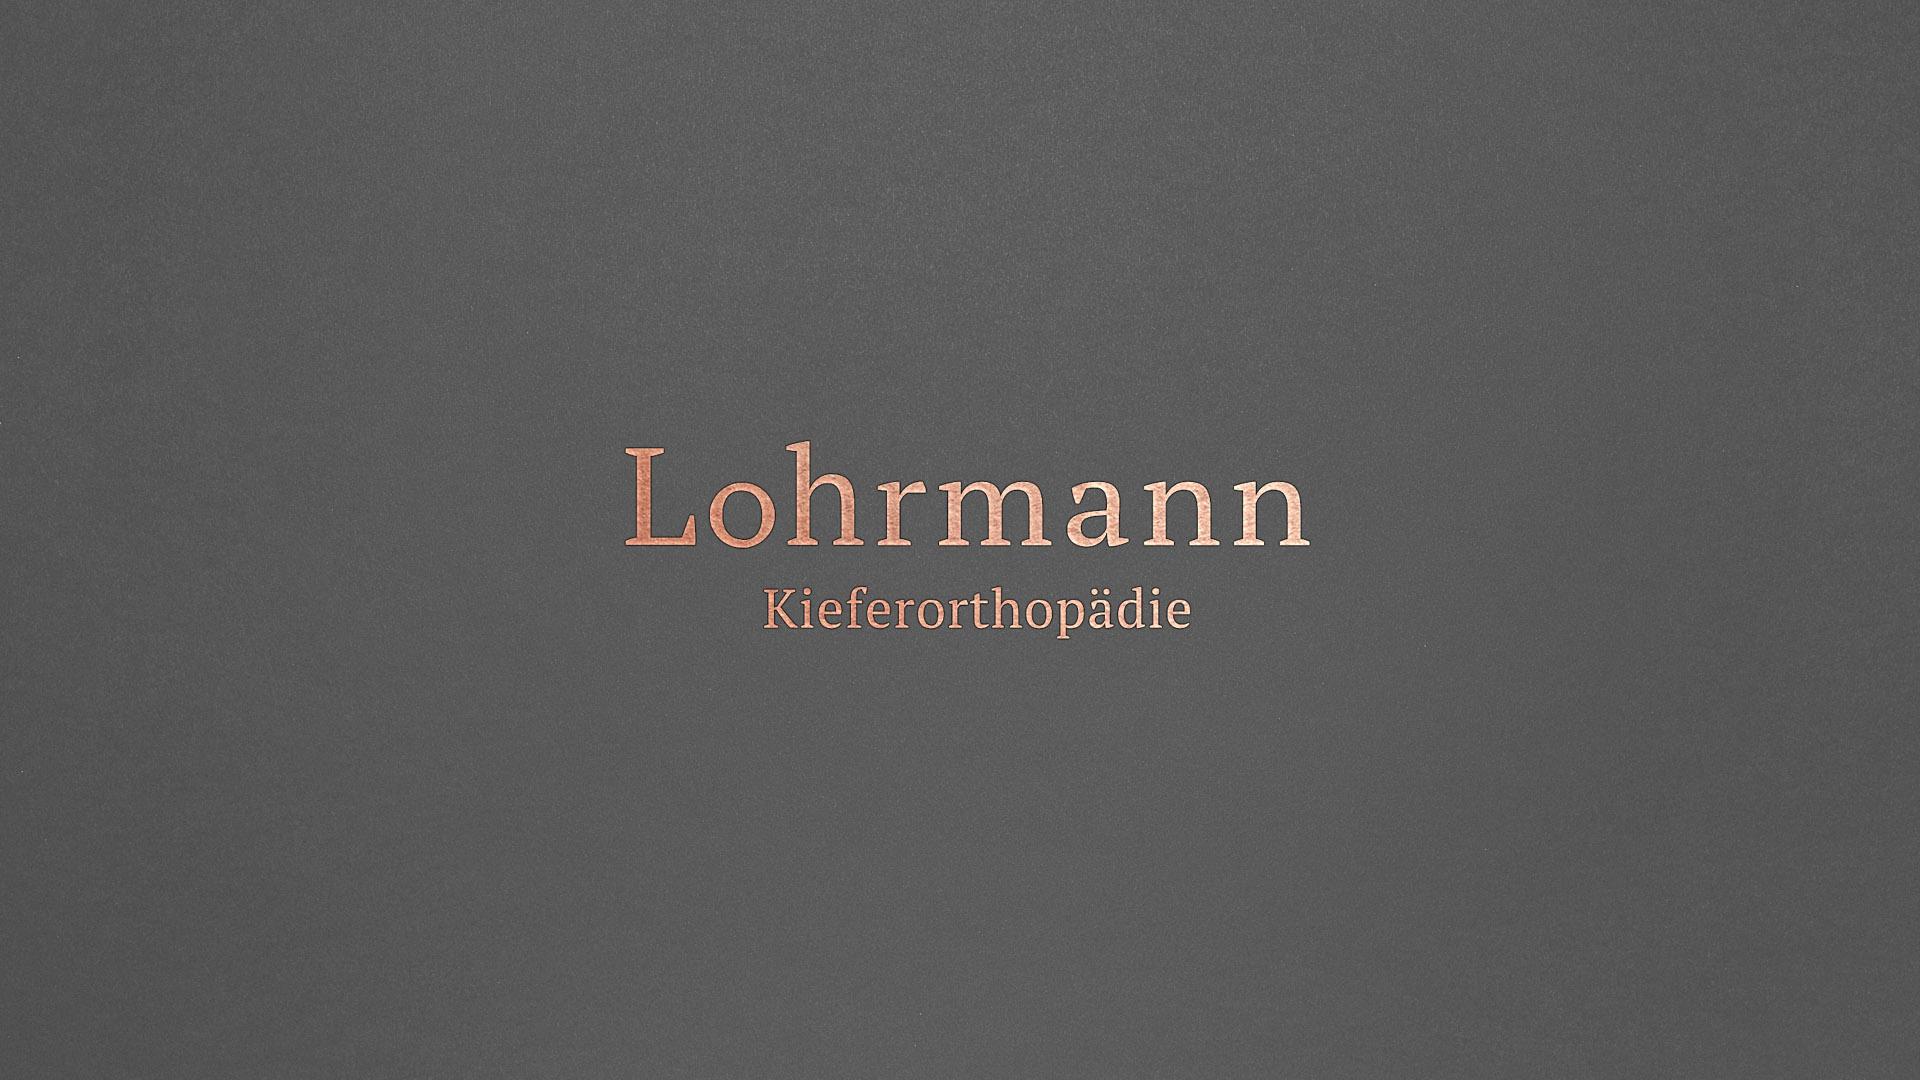 Kieferorthopäde Lohrmann Design